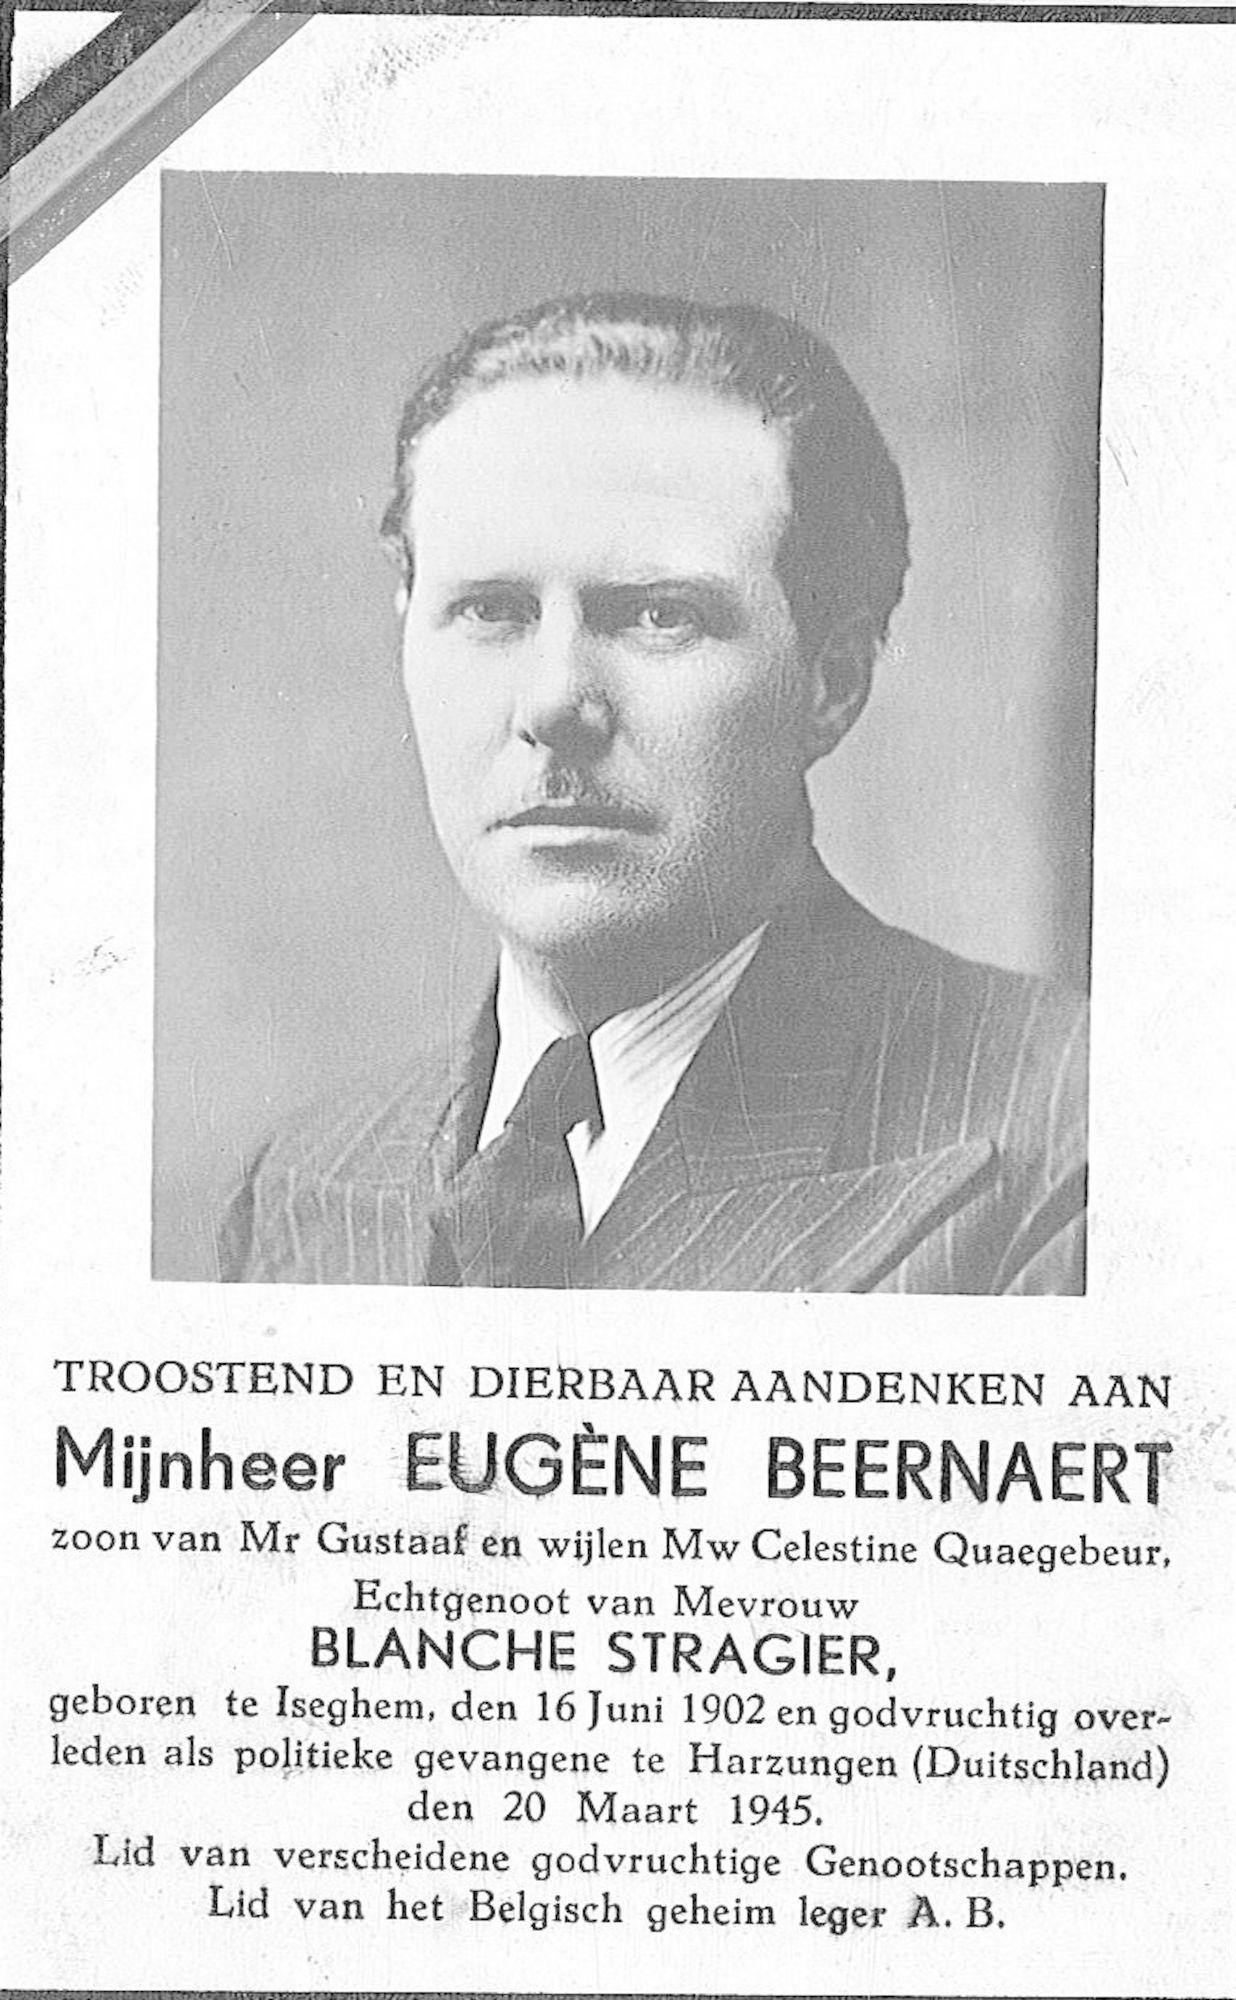 Eugène Beernaert